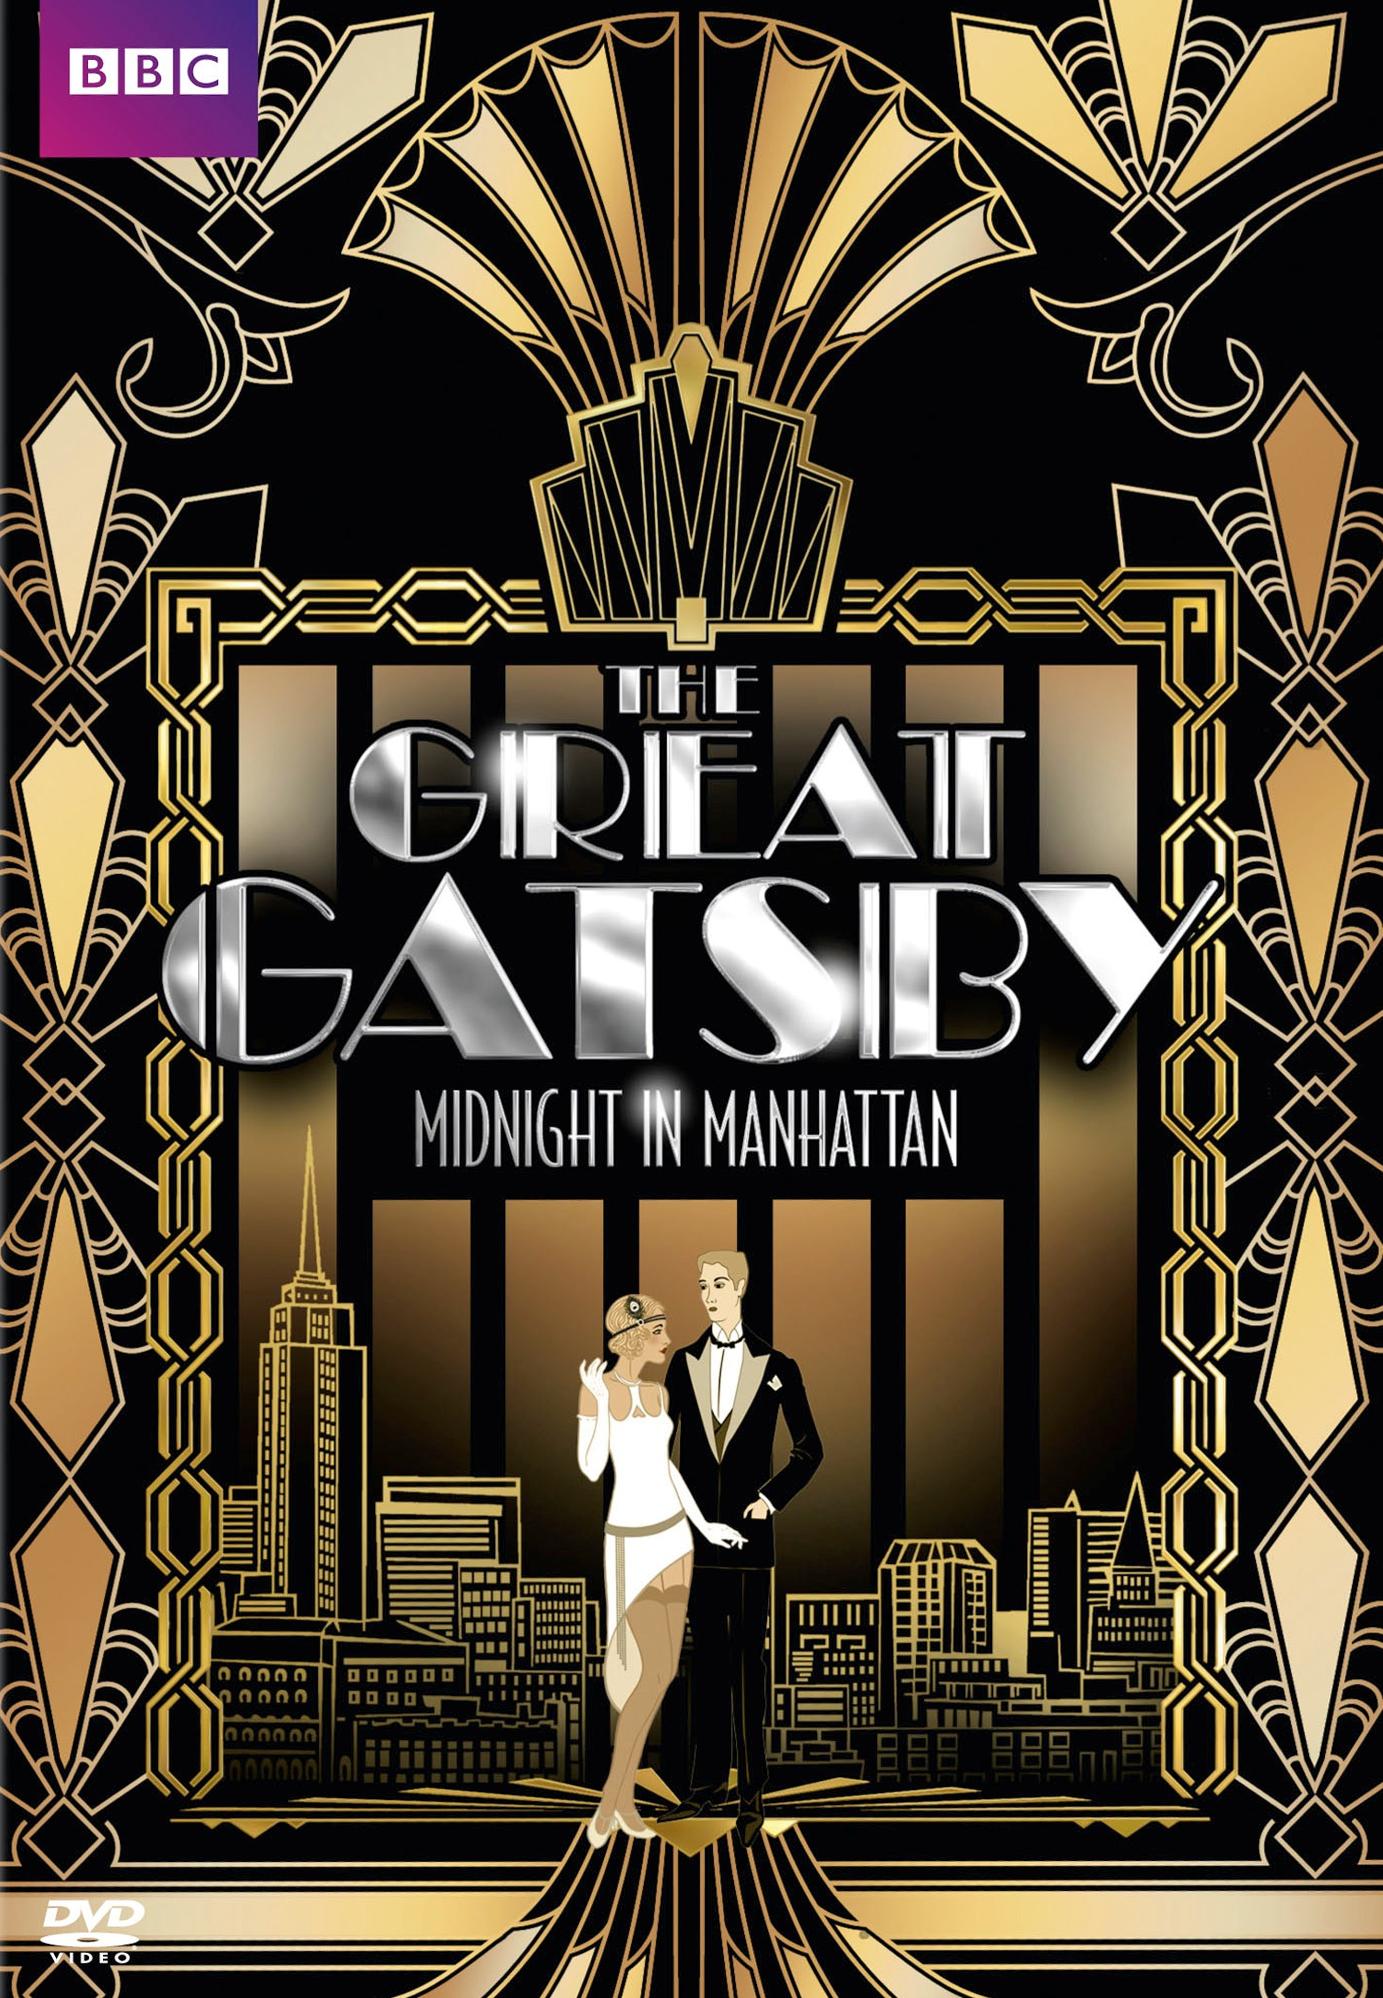 Omnibus: The Great Gatsby - Midnight in Manhattan